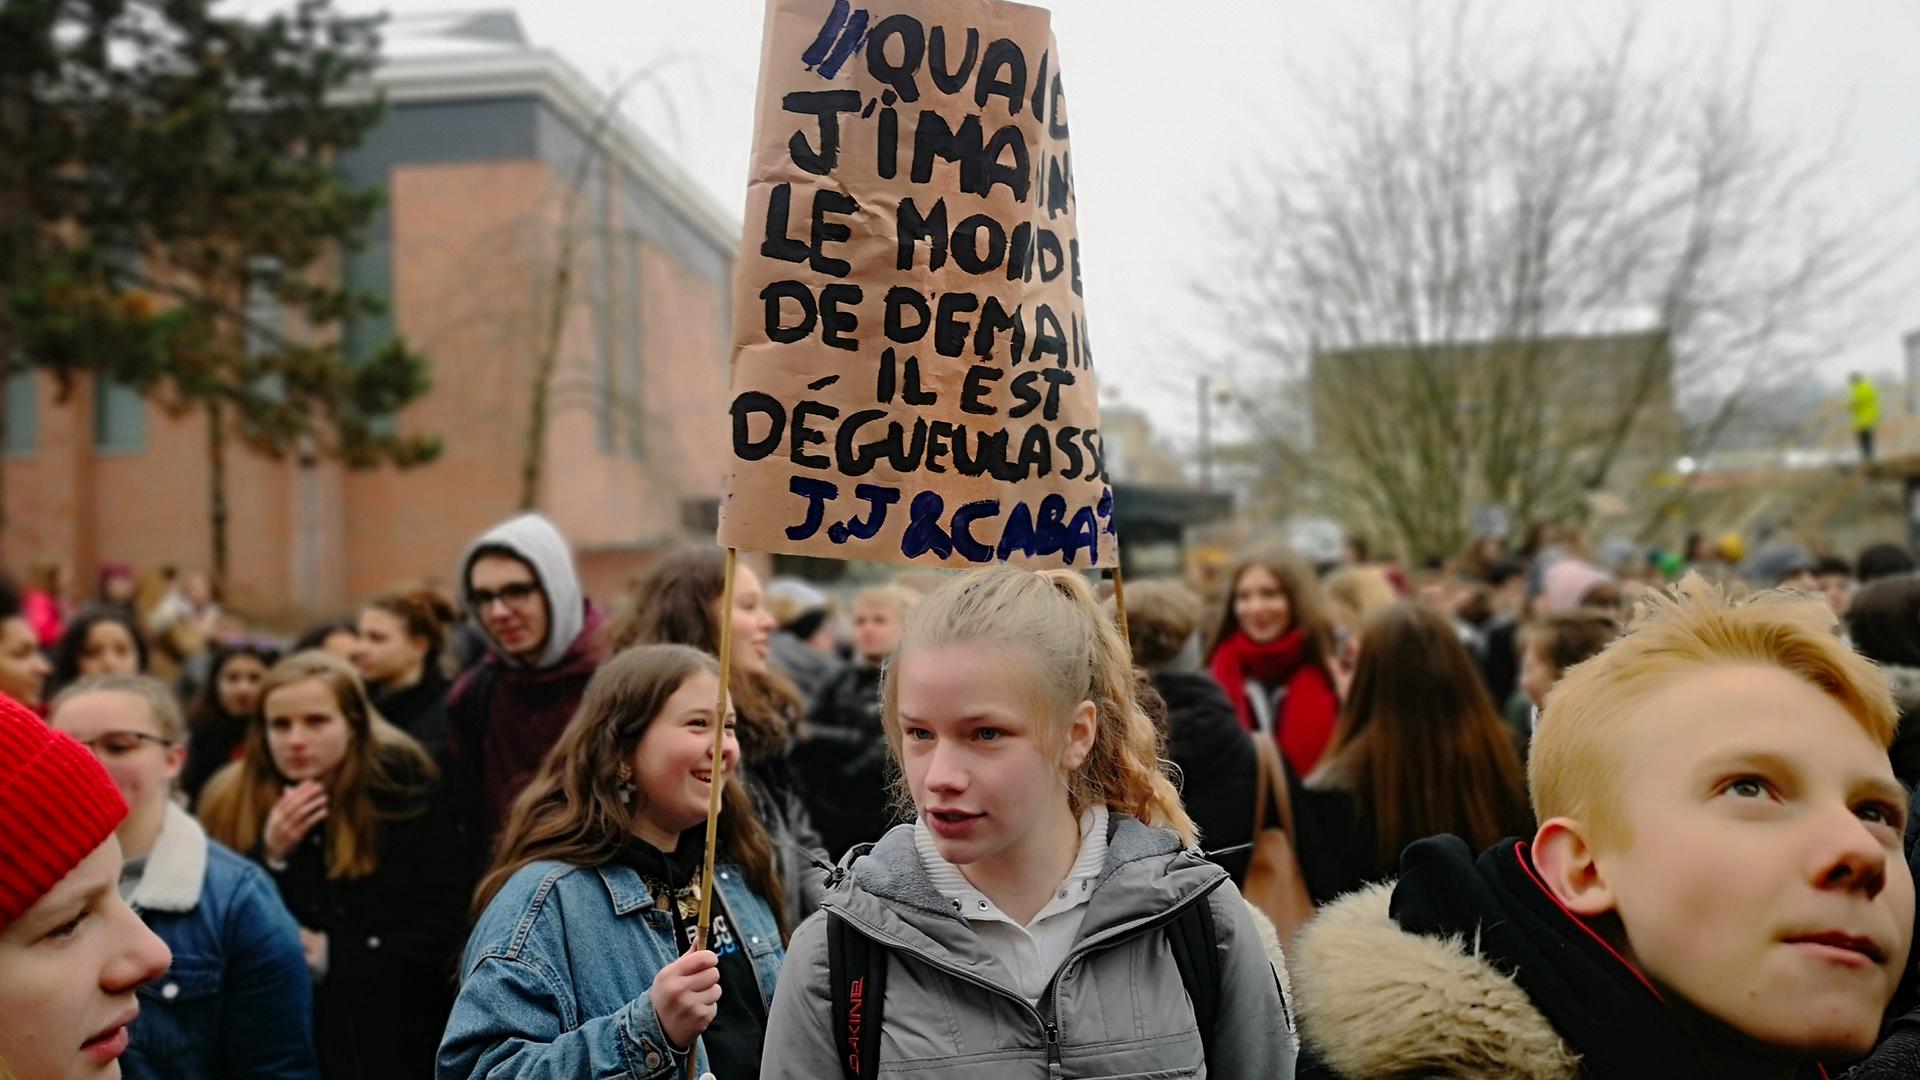 Manifestation pour le climat à Namur. ©J.Bau